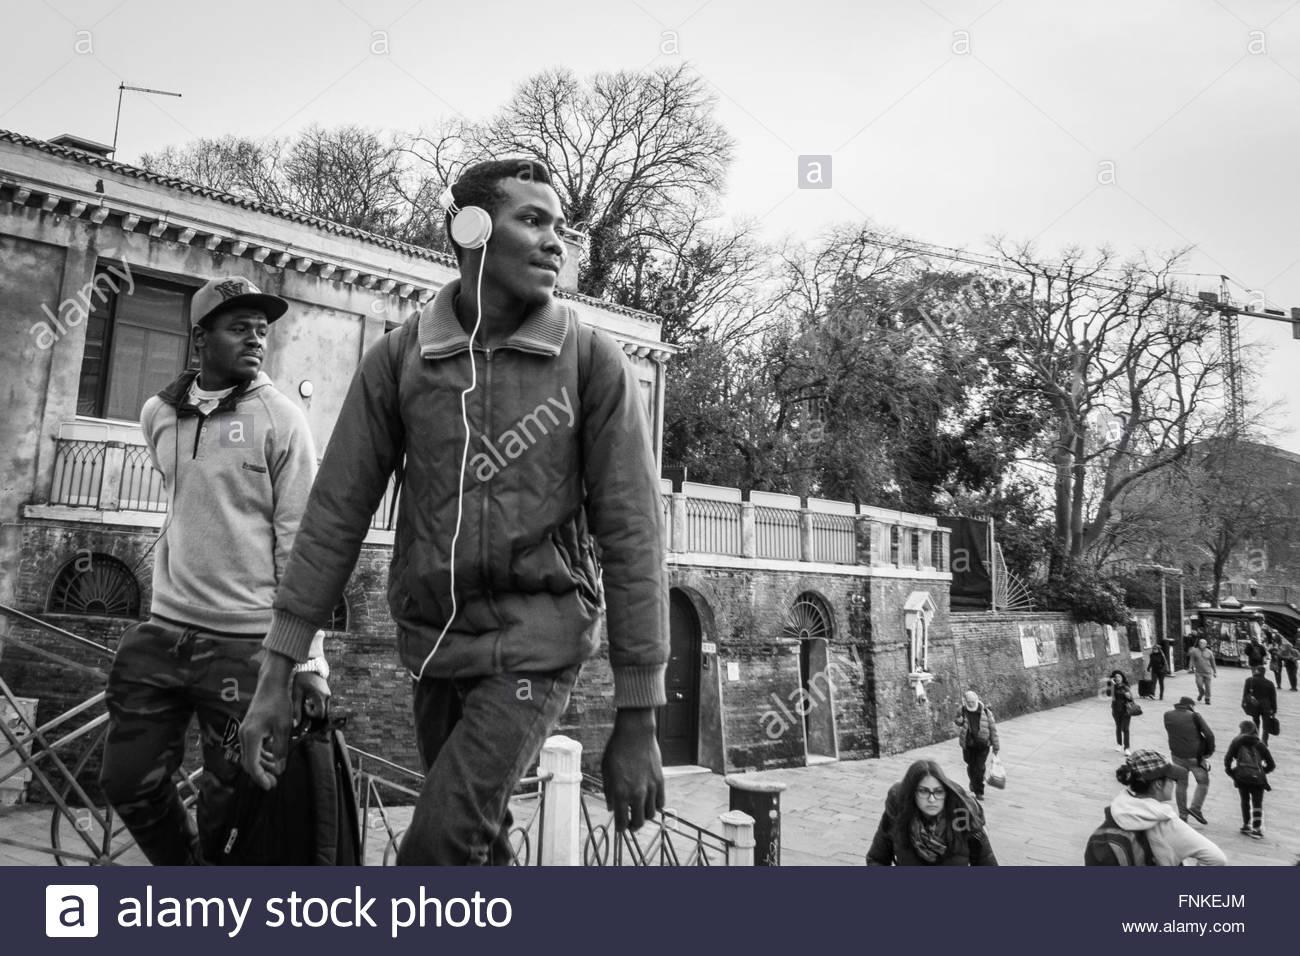 Venecia, Italia - 30 de marzo de 2015: el hombre caminando por Venecia usando audífonos, escuchando música. Imagen De Stock